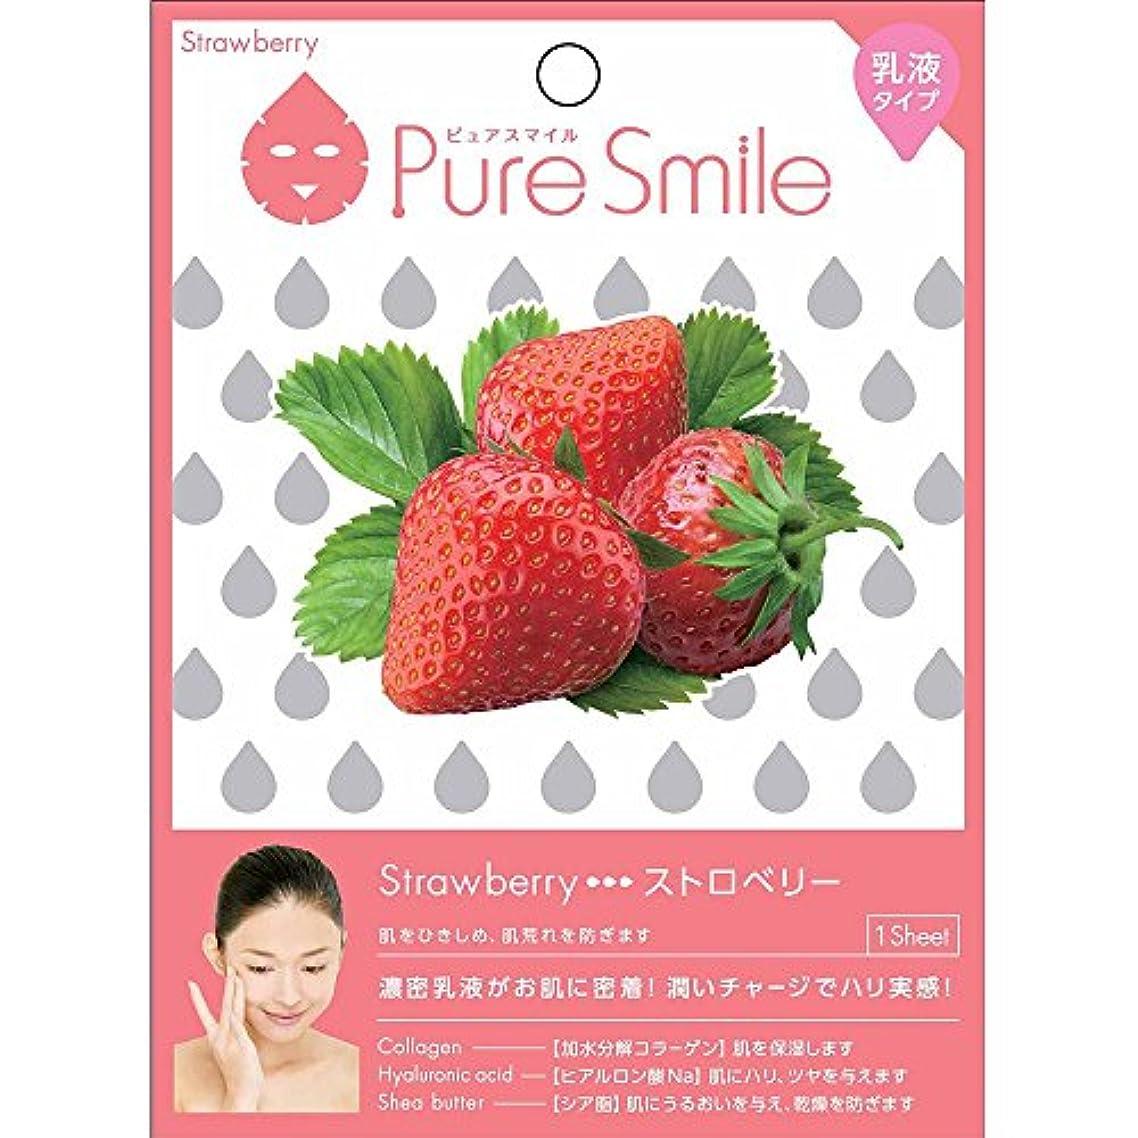 建設ゆでるきらきらPure Smile/ピュアスマイル 乳液 エッセンス/フェイスマスク 『Strawberry/ストロベリー(苺)』